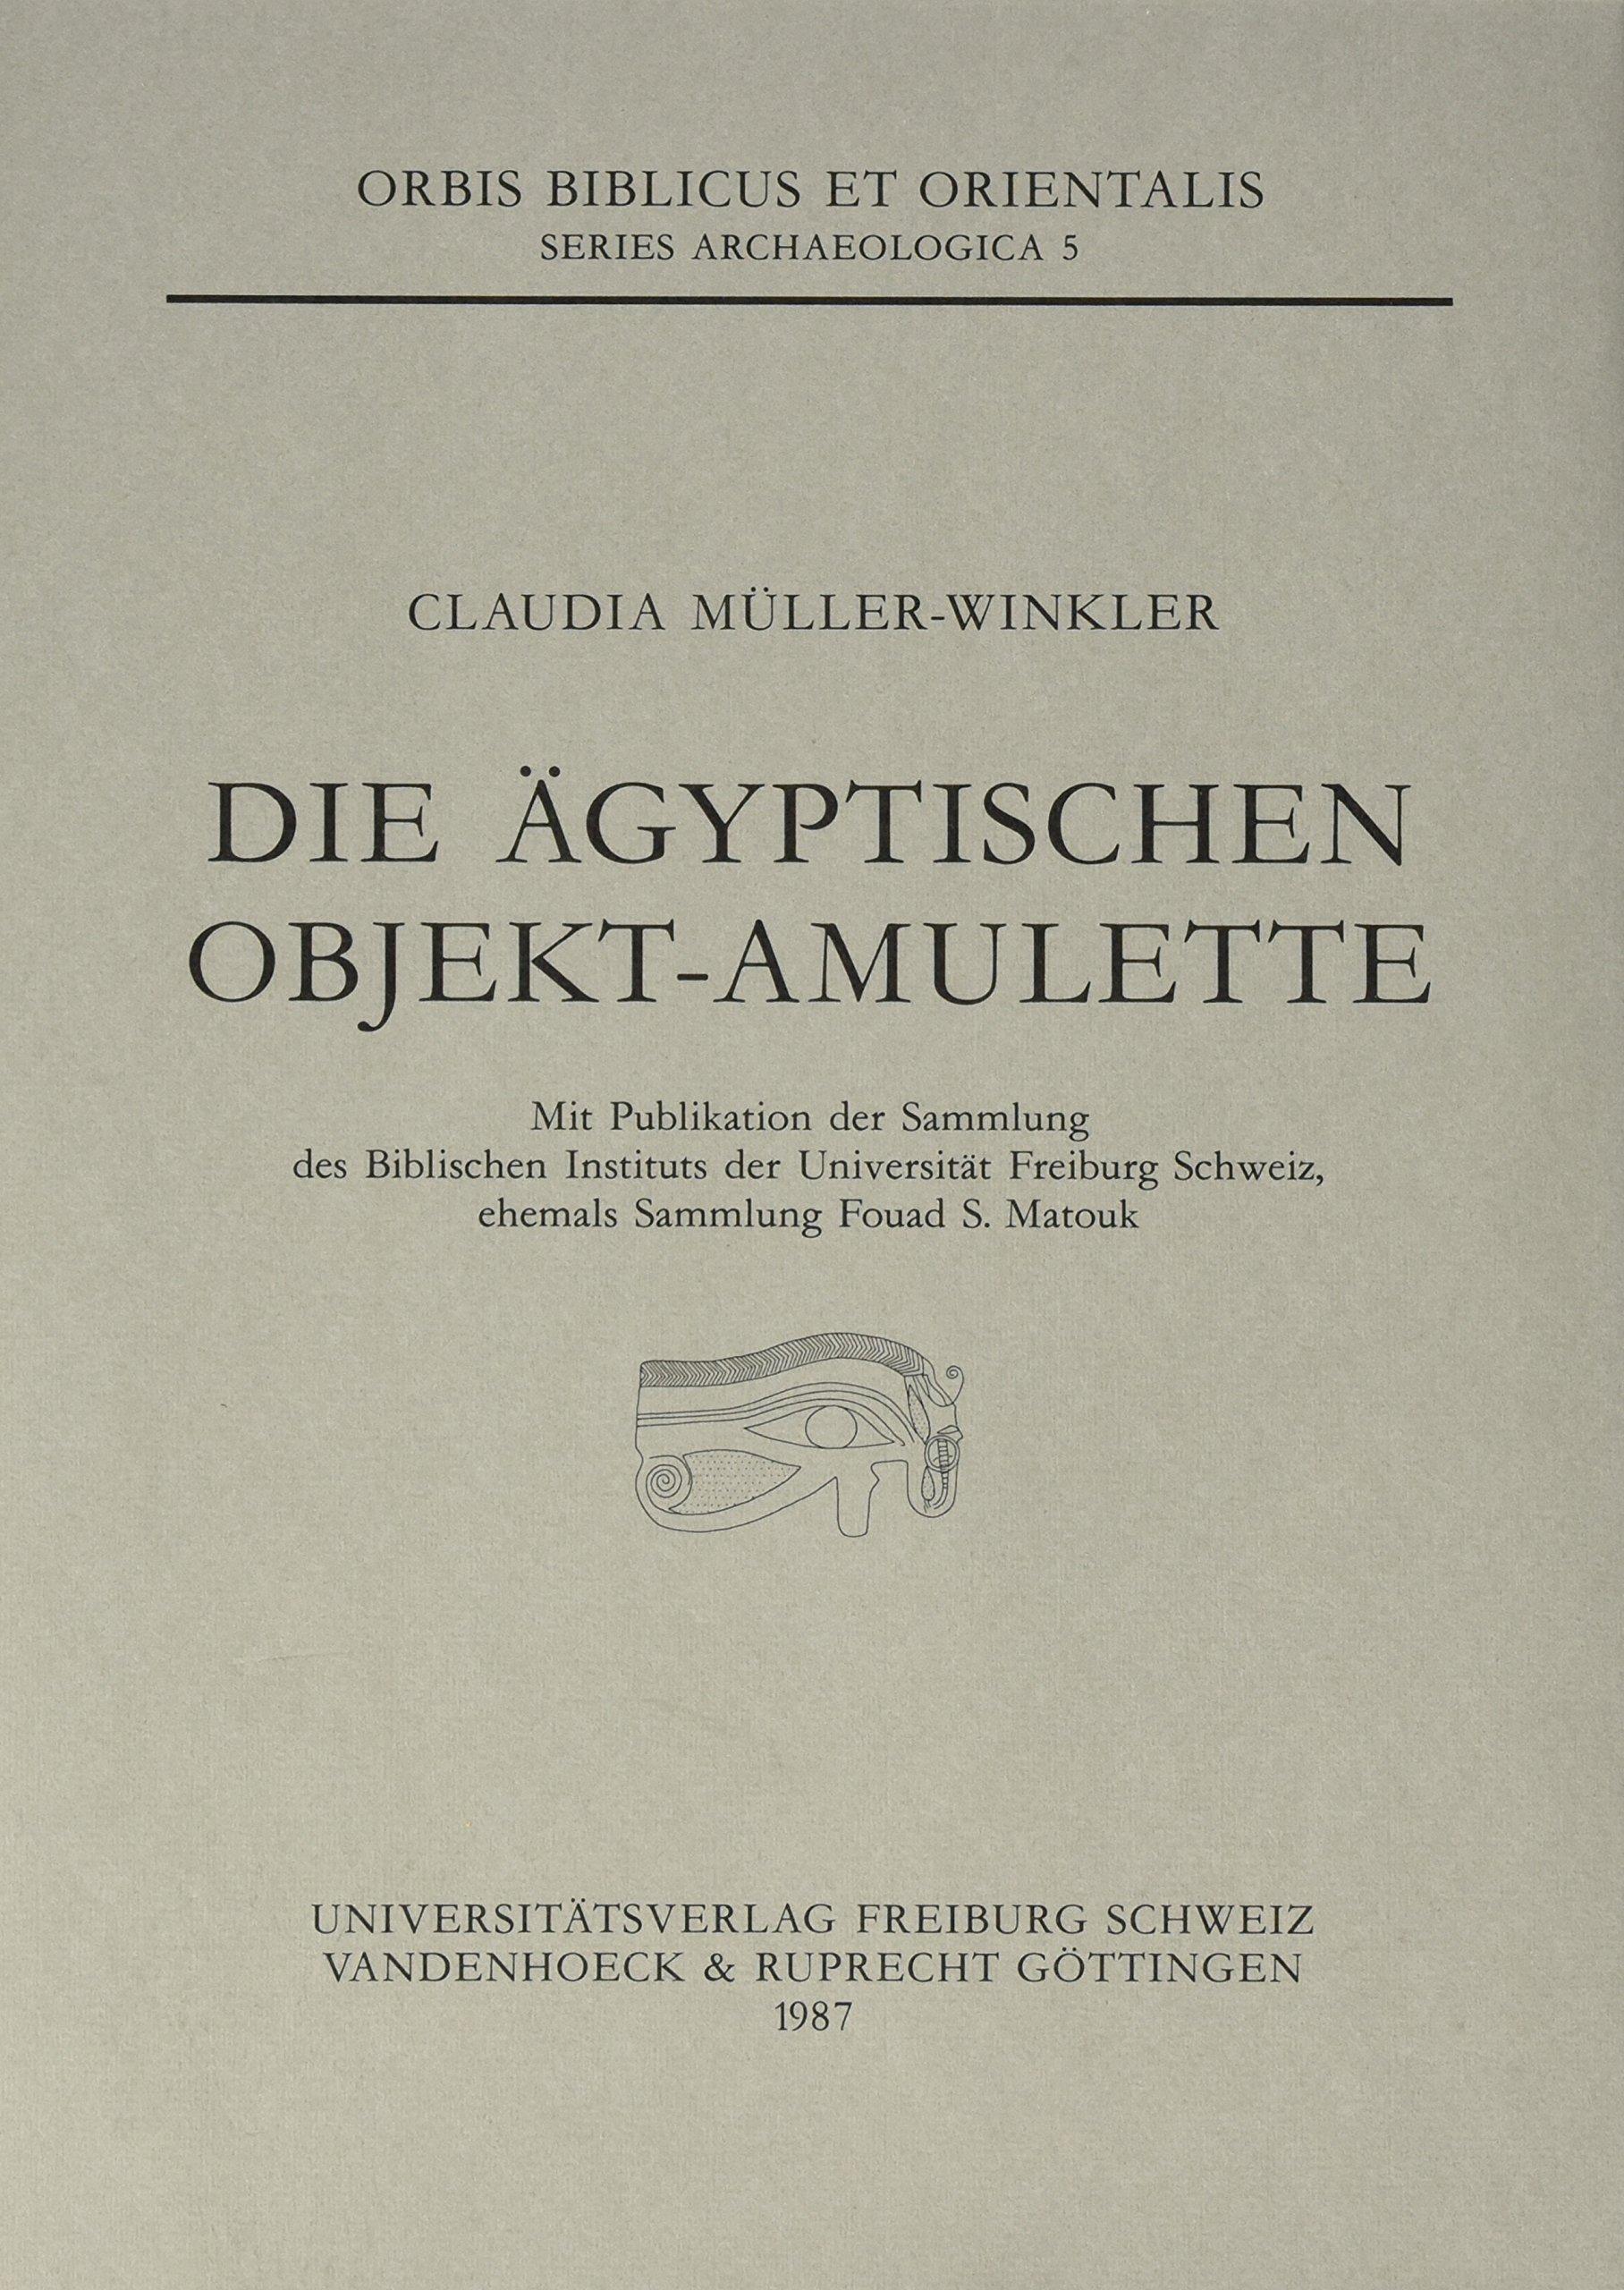 Die ägyptischen Objekt- Amulette (Orbis Biblicus et Orientalis, Series Archaeologica, Band 5)